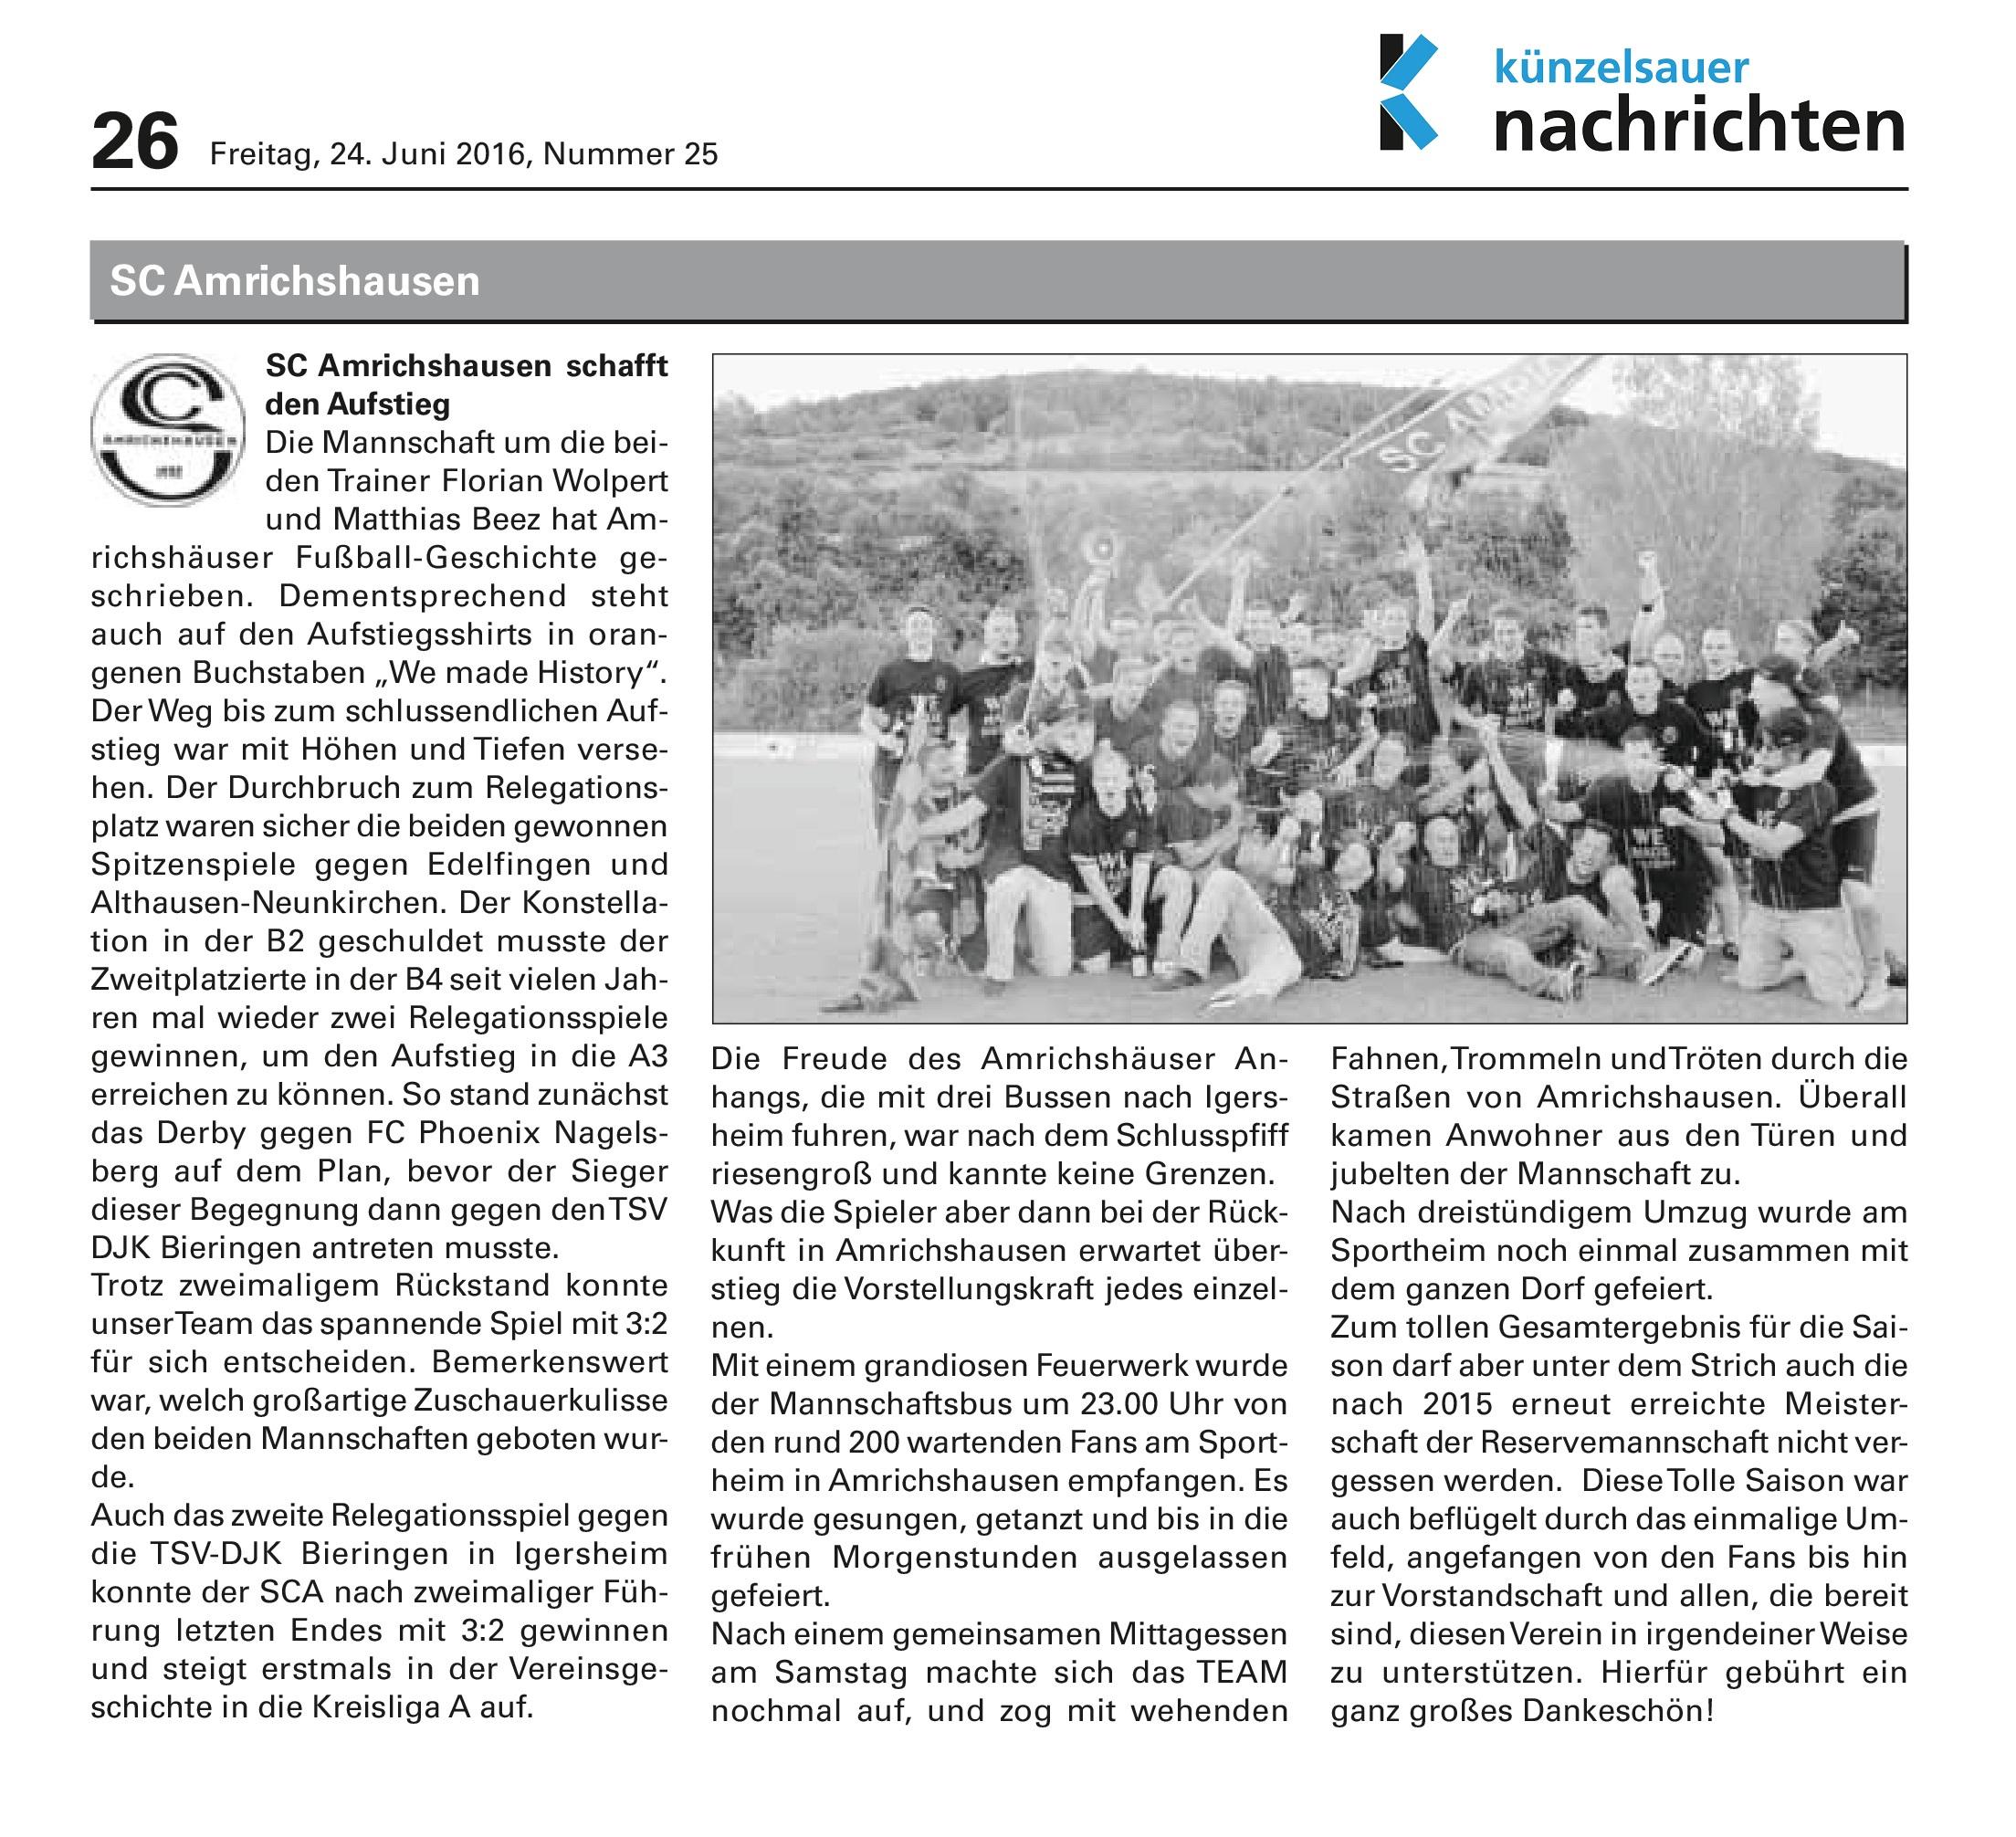 Kuen Nachr. 24.06.2016 SCA schafft Aufstieg